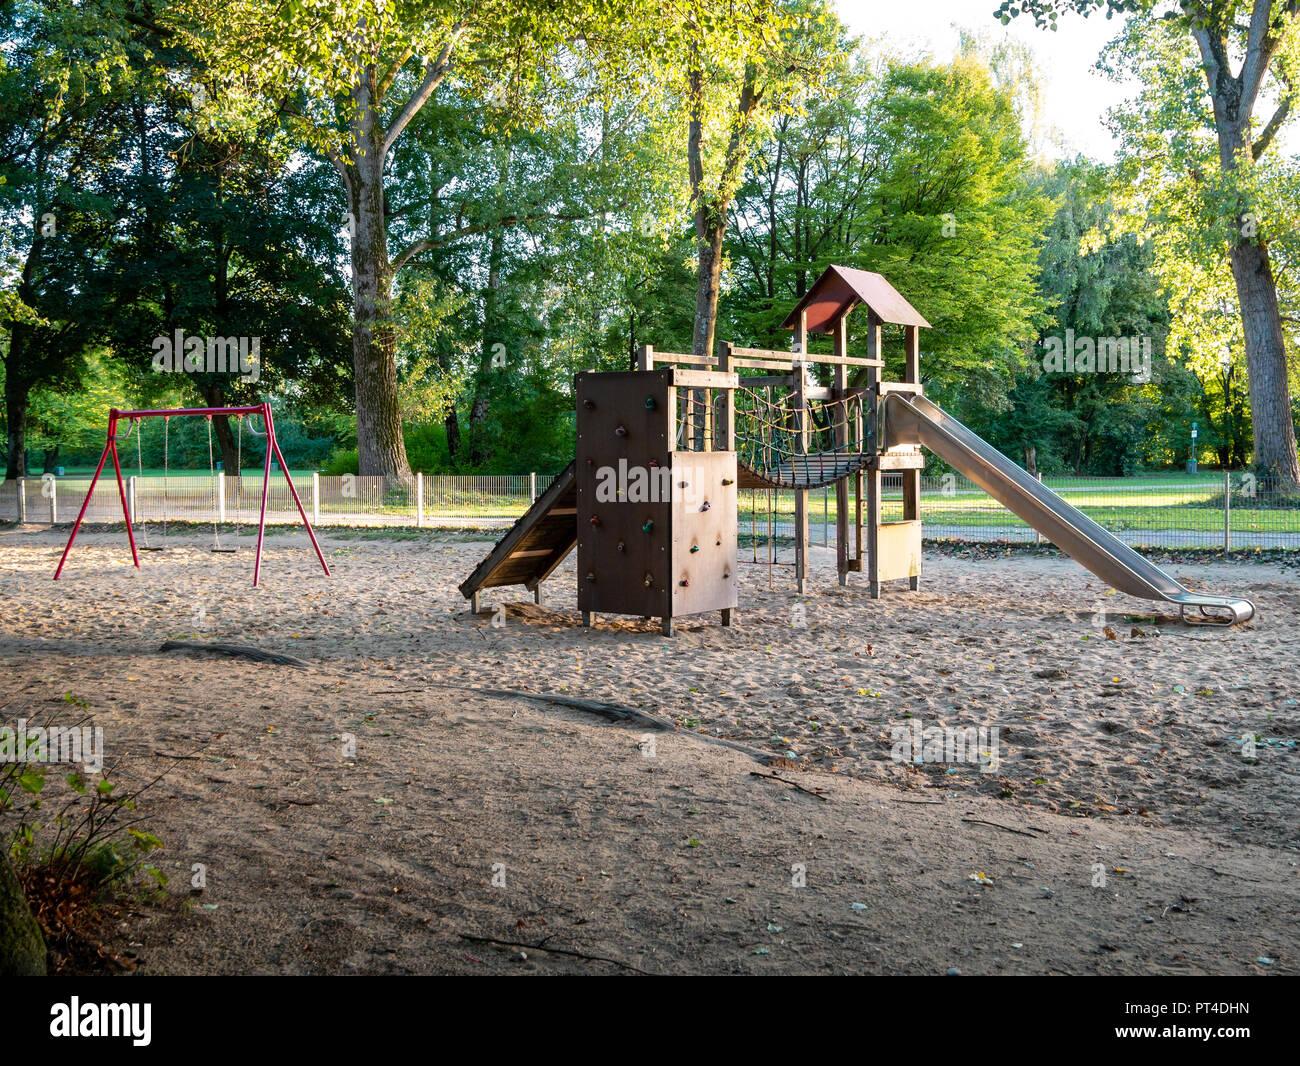 Außergewöhnlich Bild von Holz- Spielplatz auf sandigem Untergrund während der @EN_69